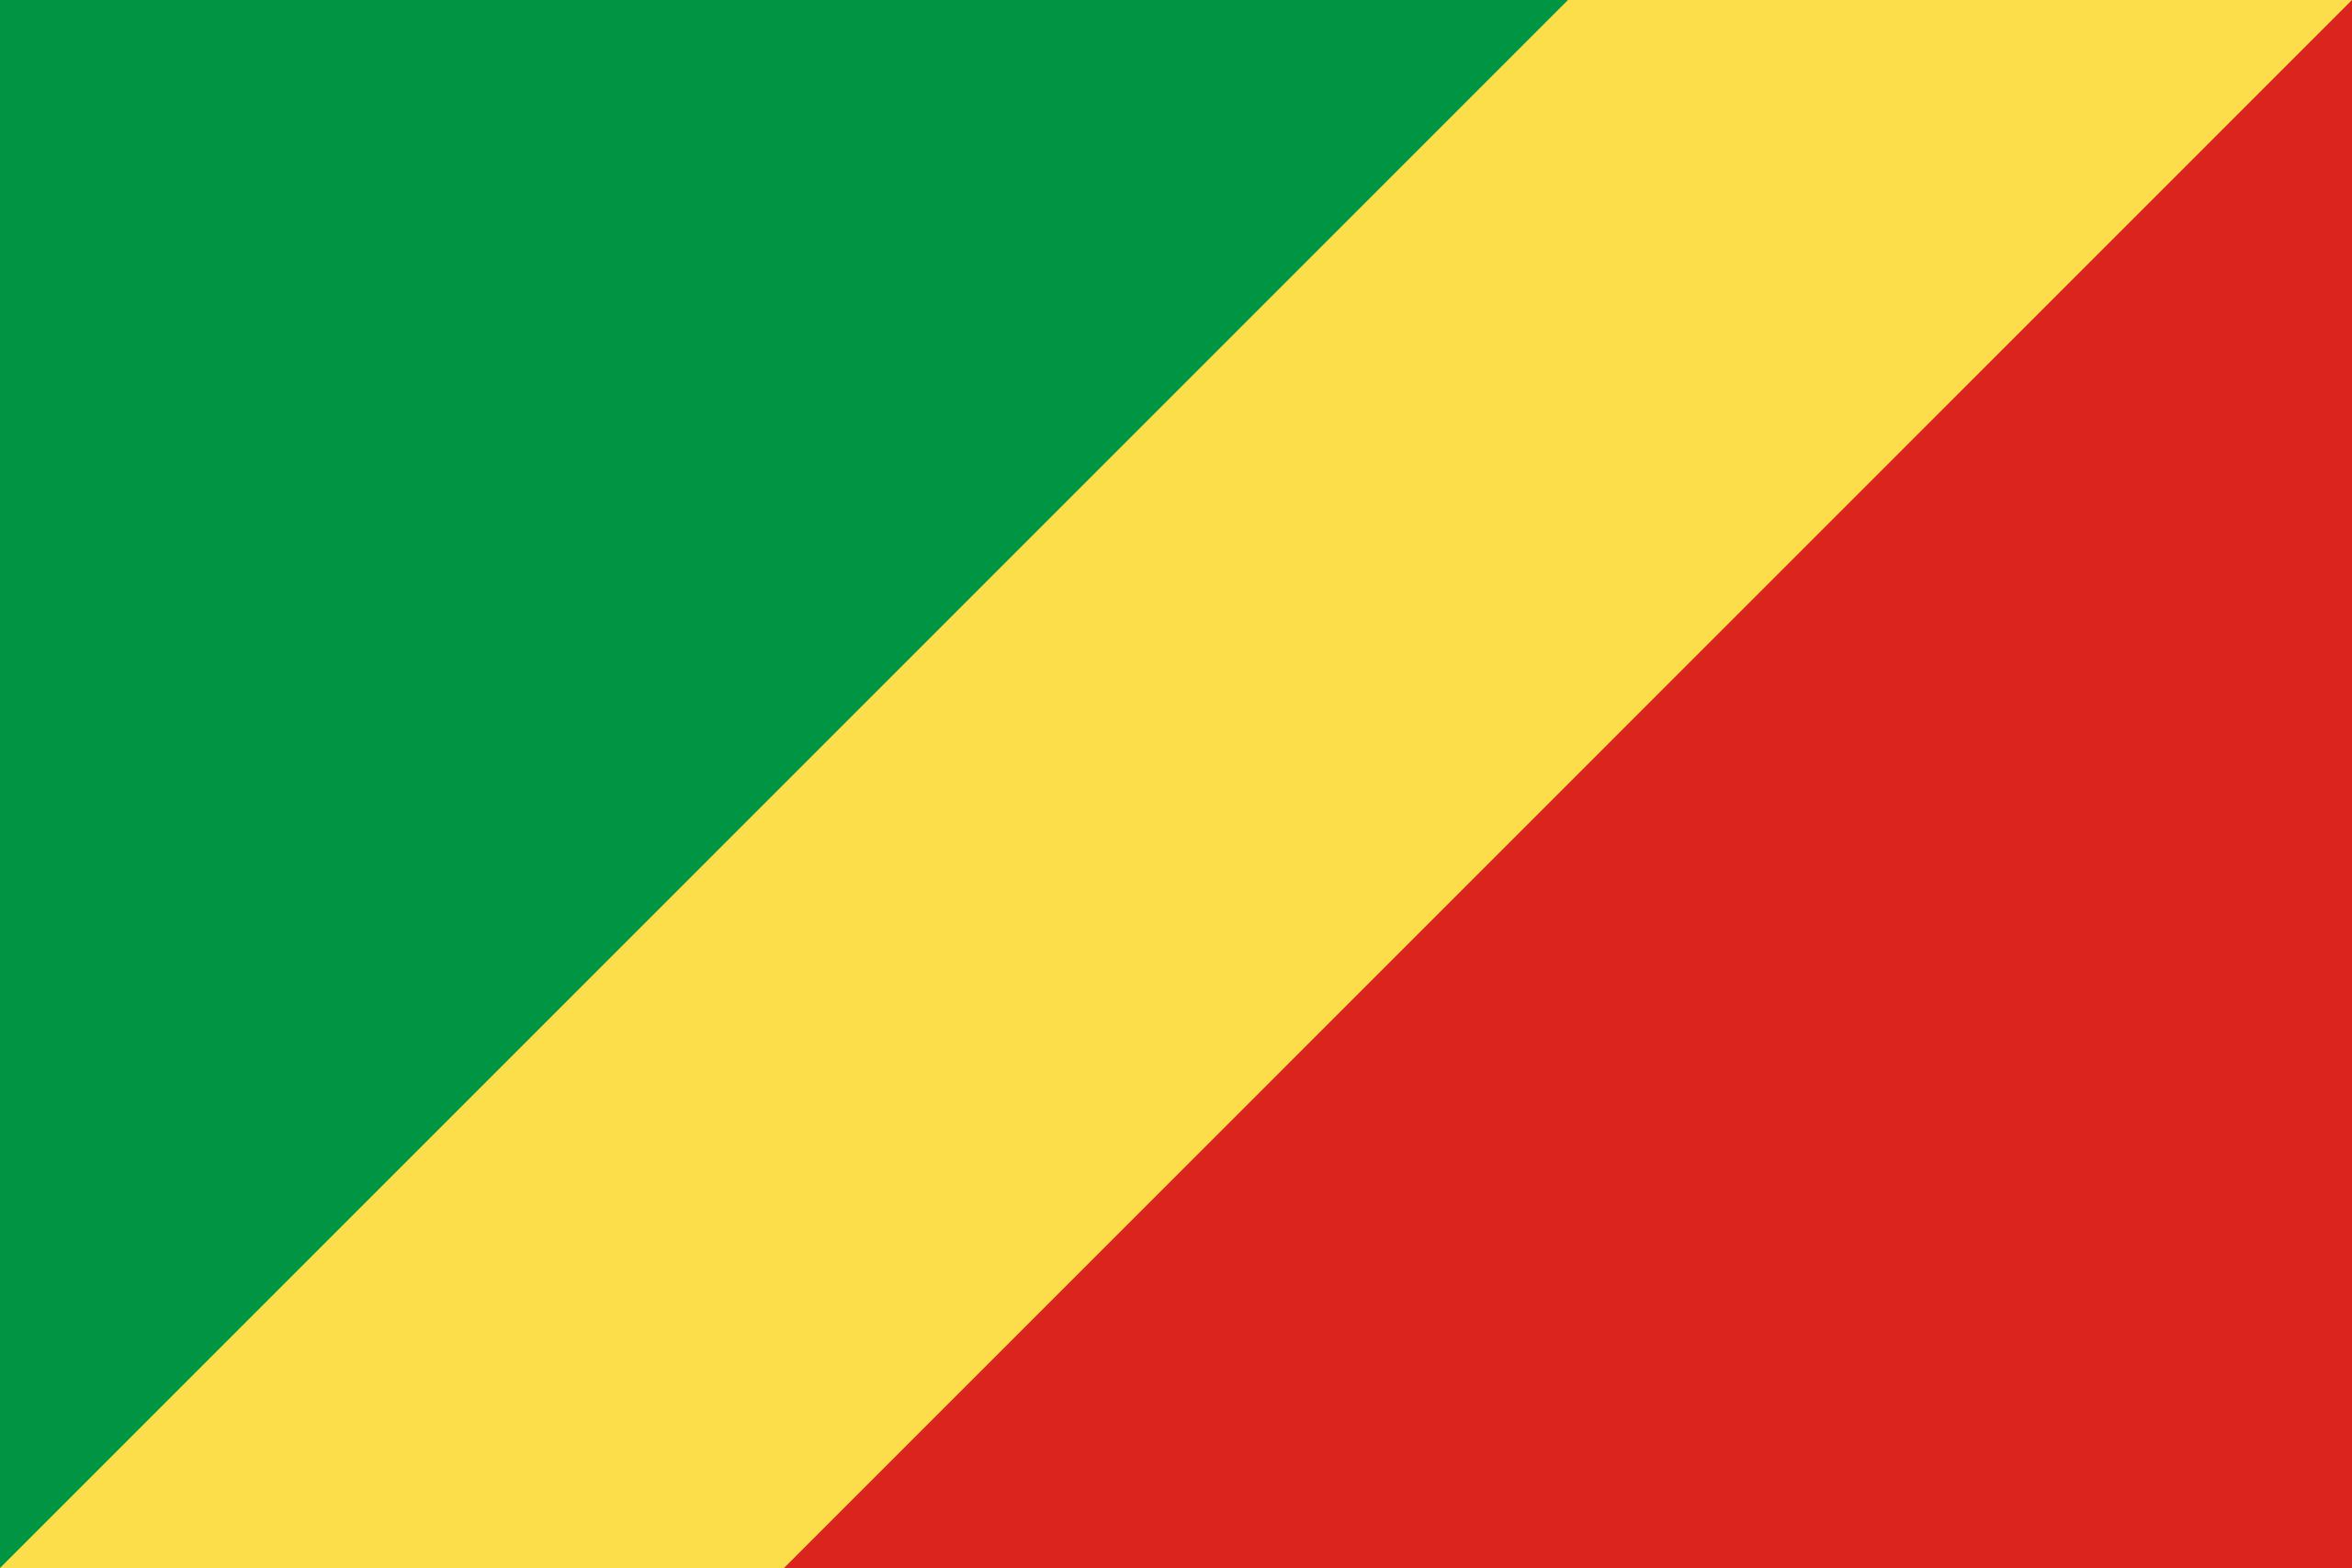 刚果共和国, 国家, 会徽, 徽标, 符号 - 高清壁纸 - 教授-falken.com